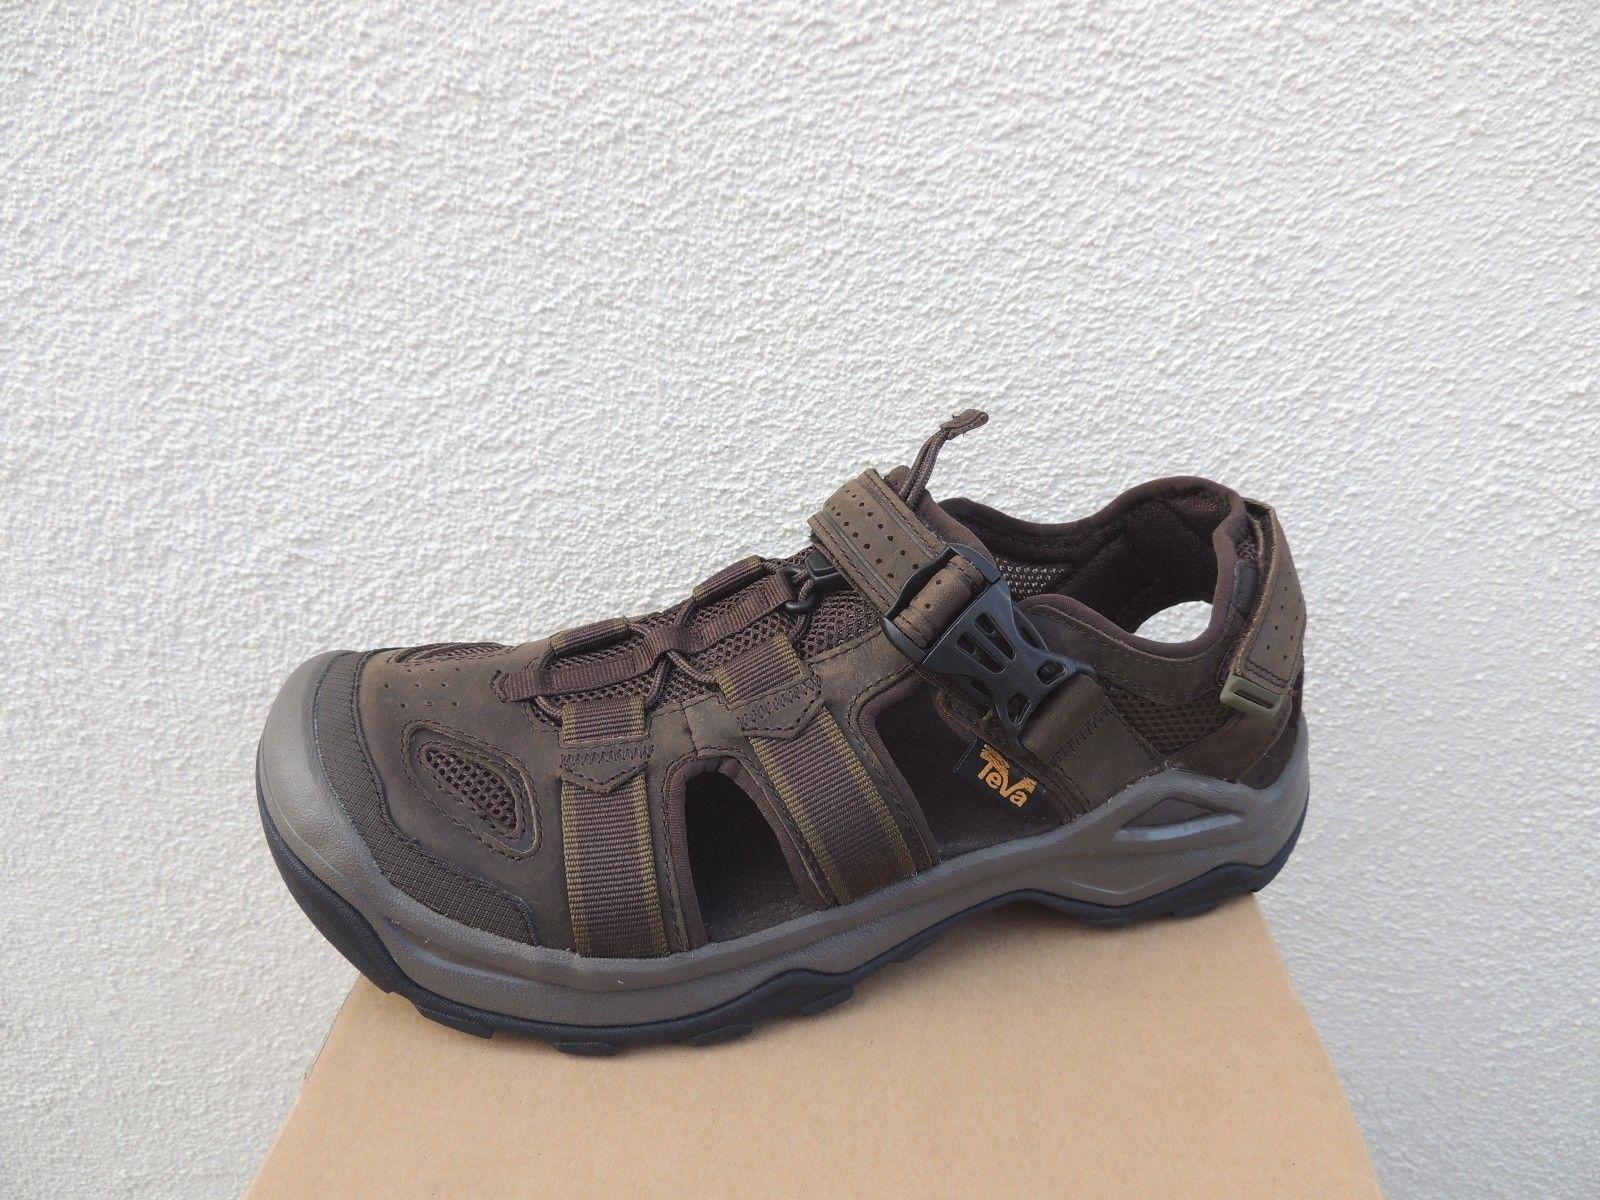 Mujer Botas Altas Hasta La Con Rodilla Tacón Con La Plataforma Zapatos De Plataforma De Ante Invierno Cálido casuales Caliente Talla 0e808d